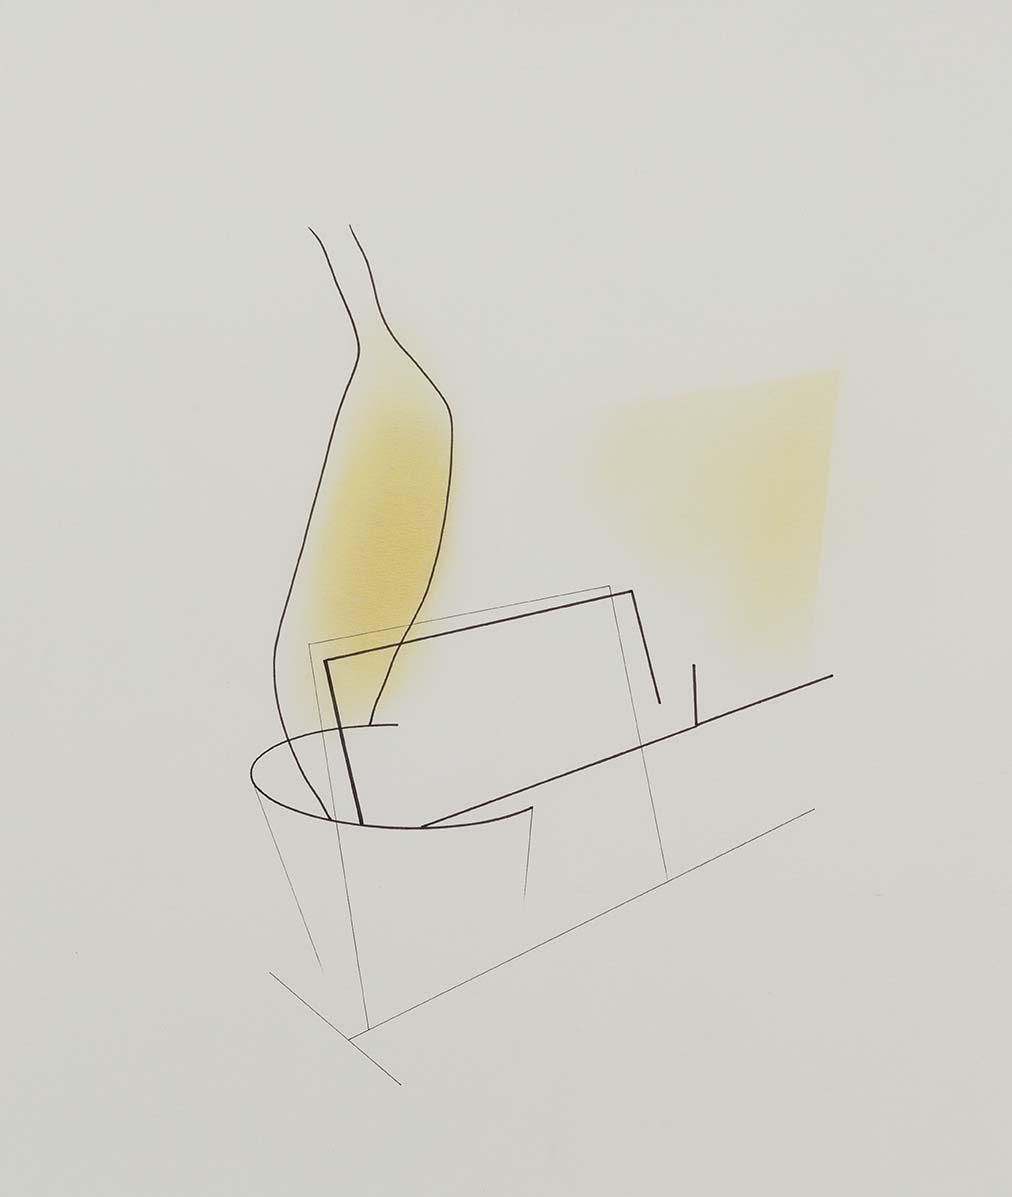 Copy of Sem título | 2013 | desenho | nanquim e pastel sobre papel | 35 x 30,5 cm (sem moldura) | 50,5 x 45 x 5 cm (com moldura)